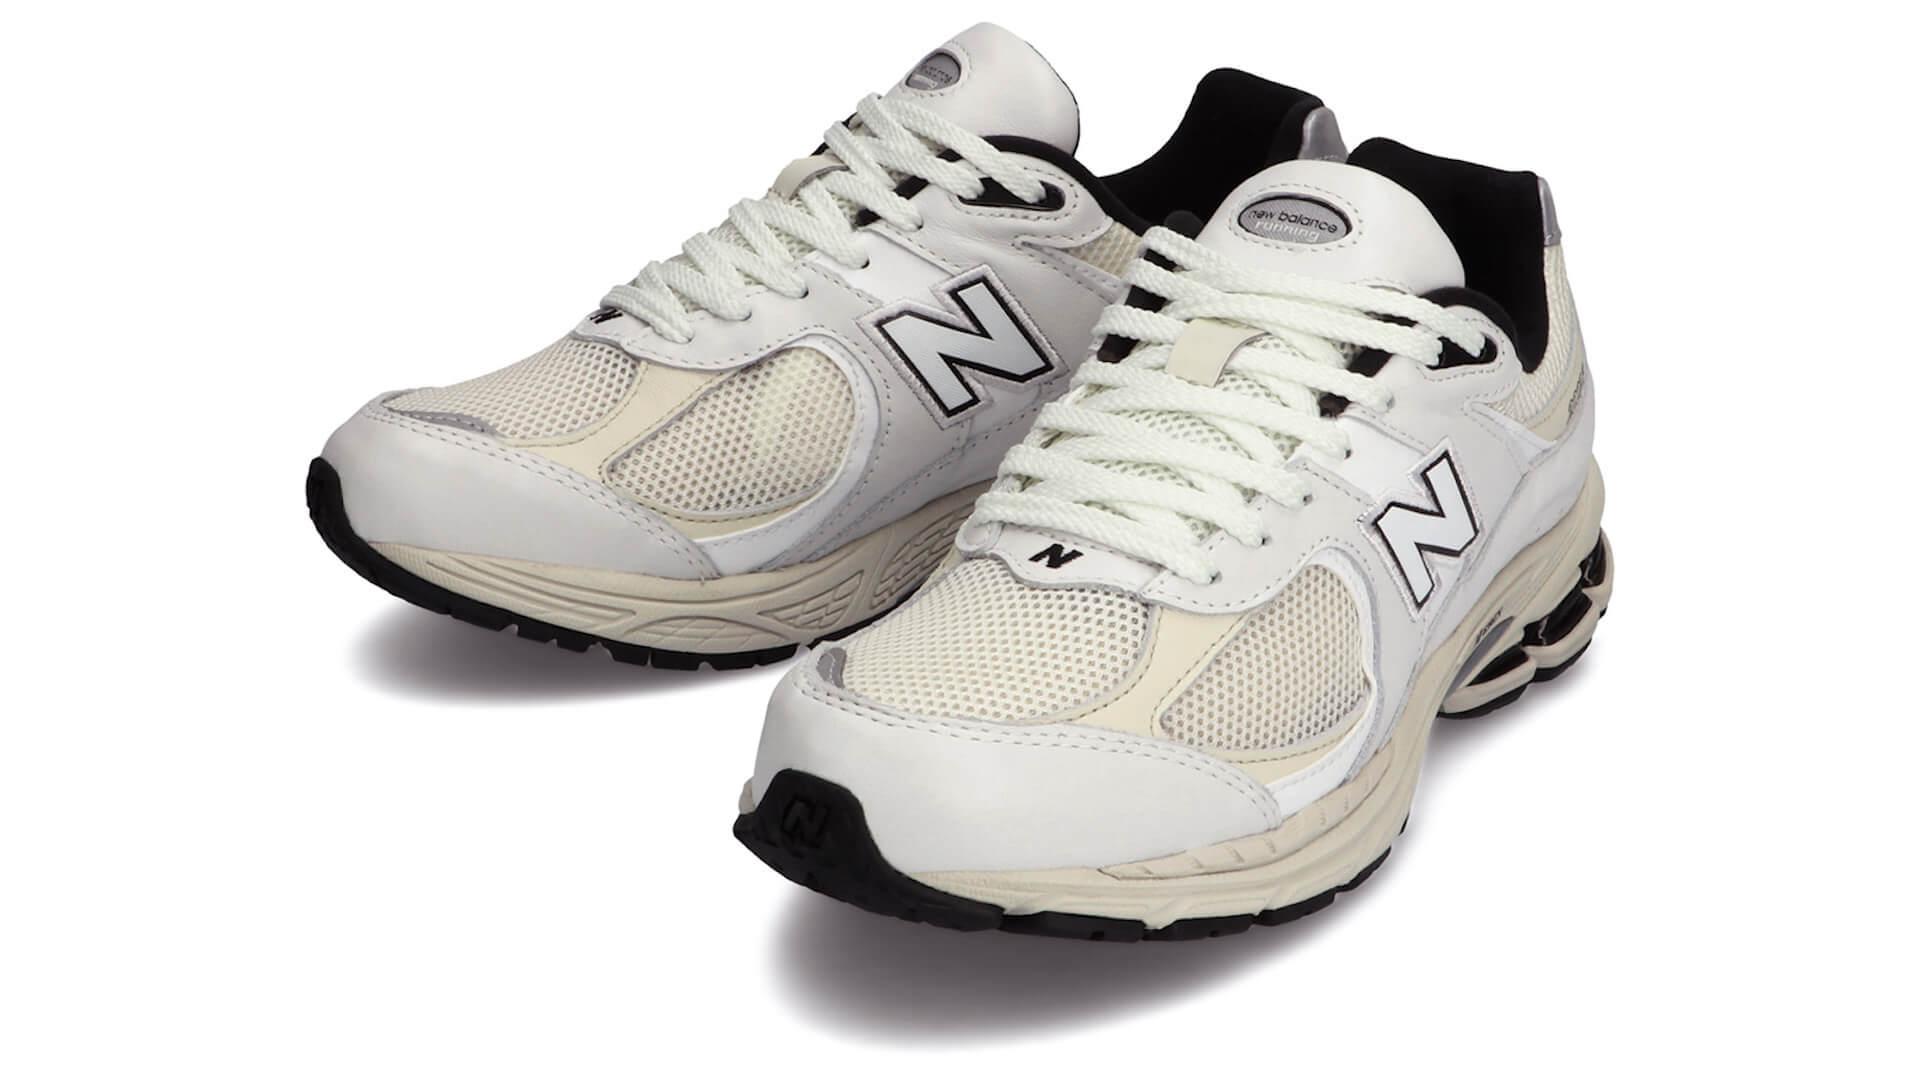 大人気のニューバランス「2002R」にアーバンカラーが新登場!ブラック、グレー、オフホワイトの3色 life210312_newbalance_2002r_7